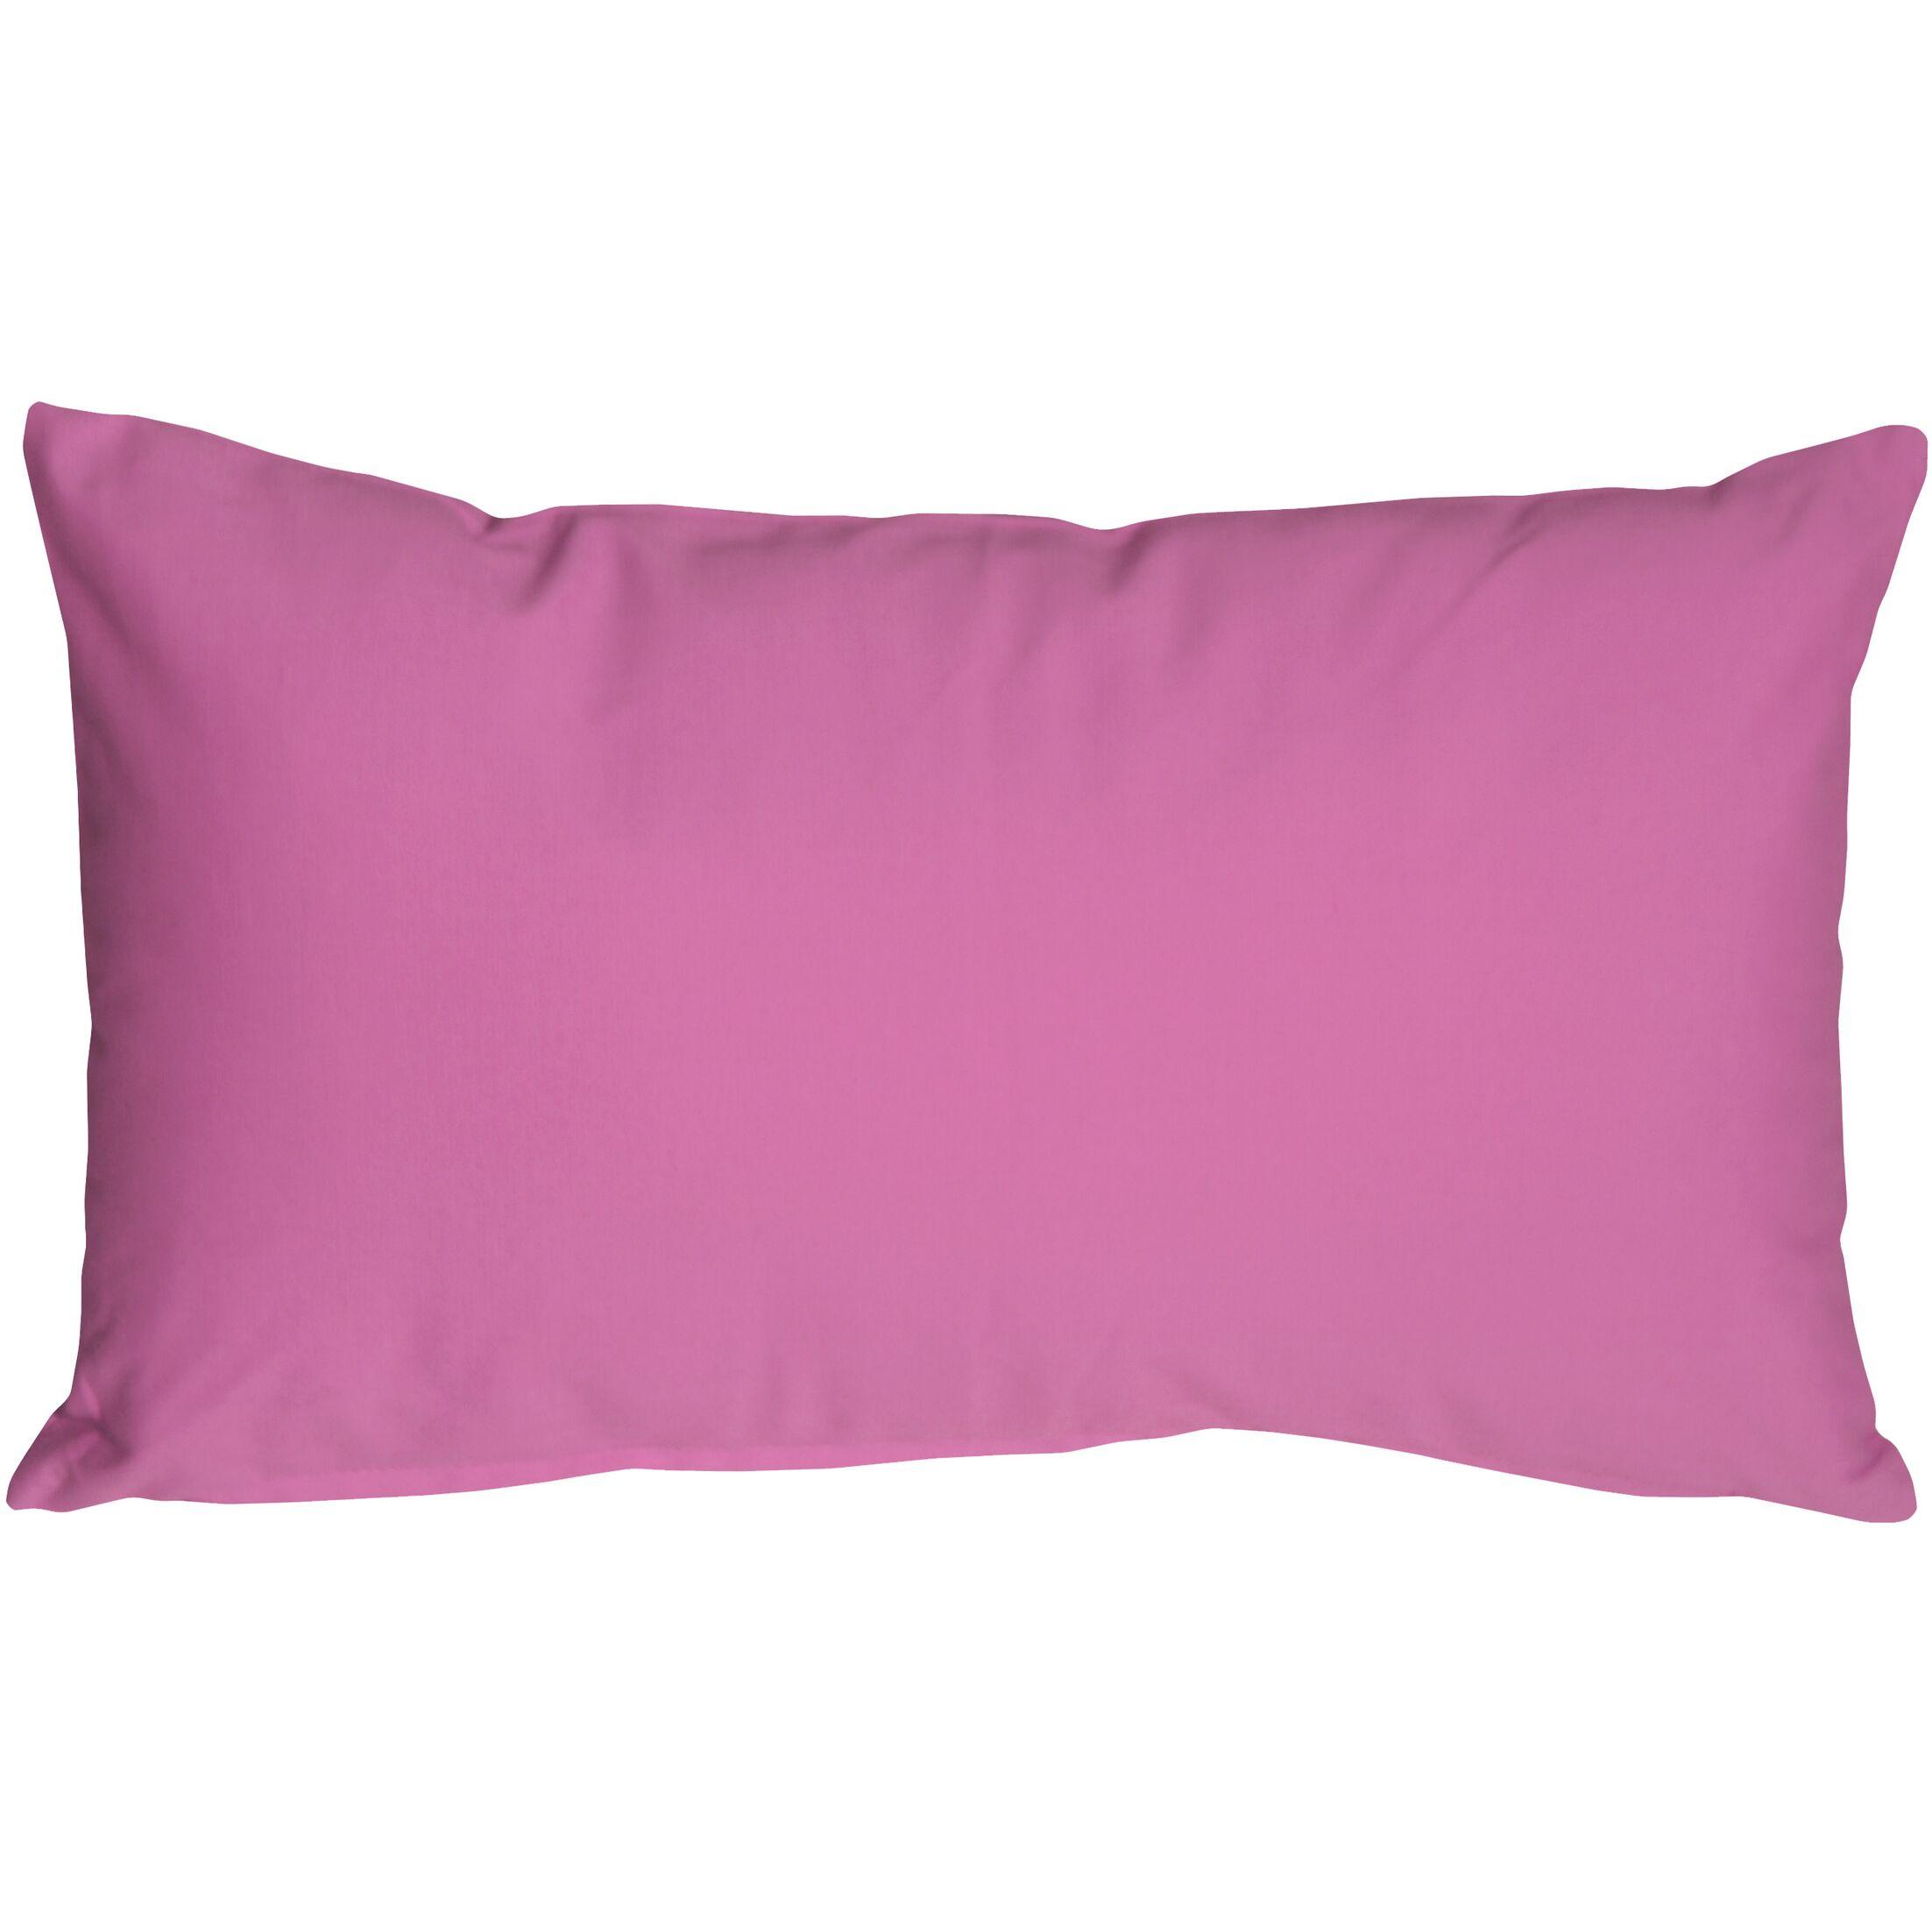 Mcfarland Cotton Lumbar Pillow Size: 9